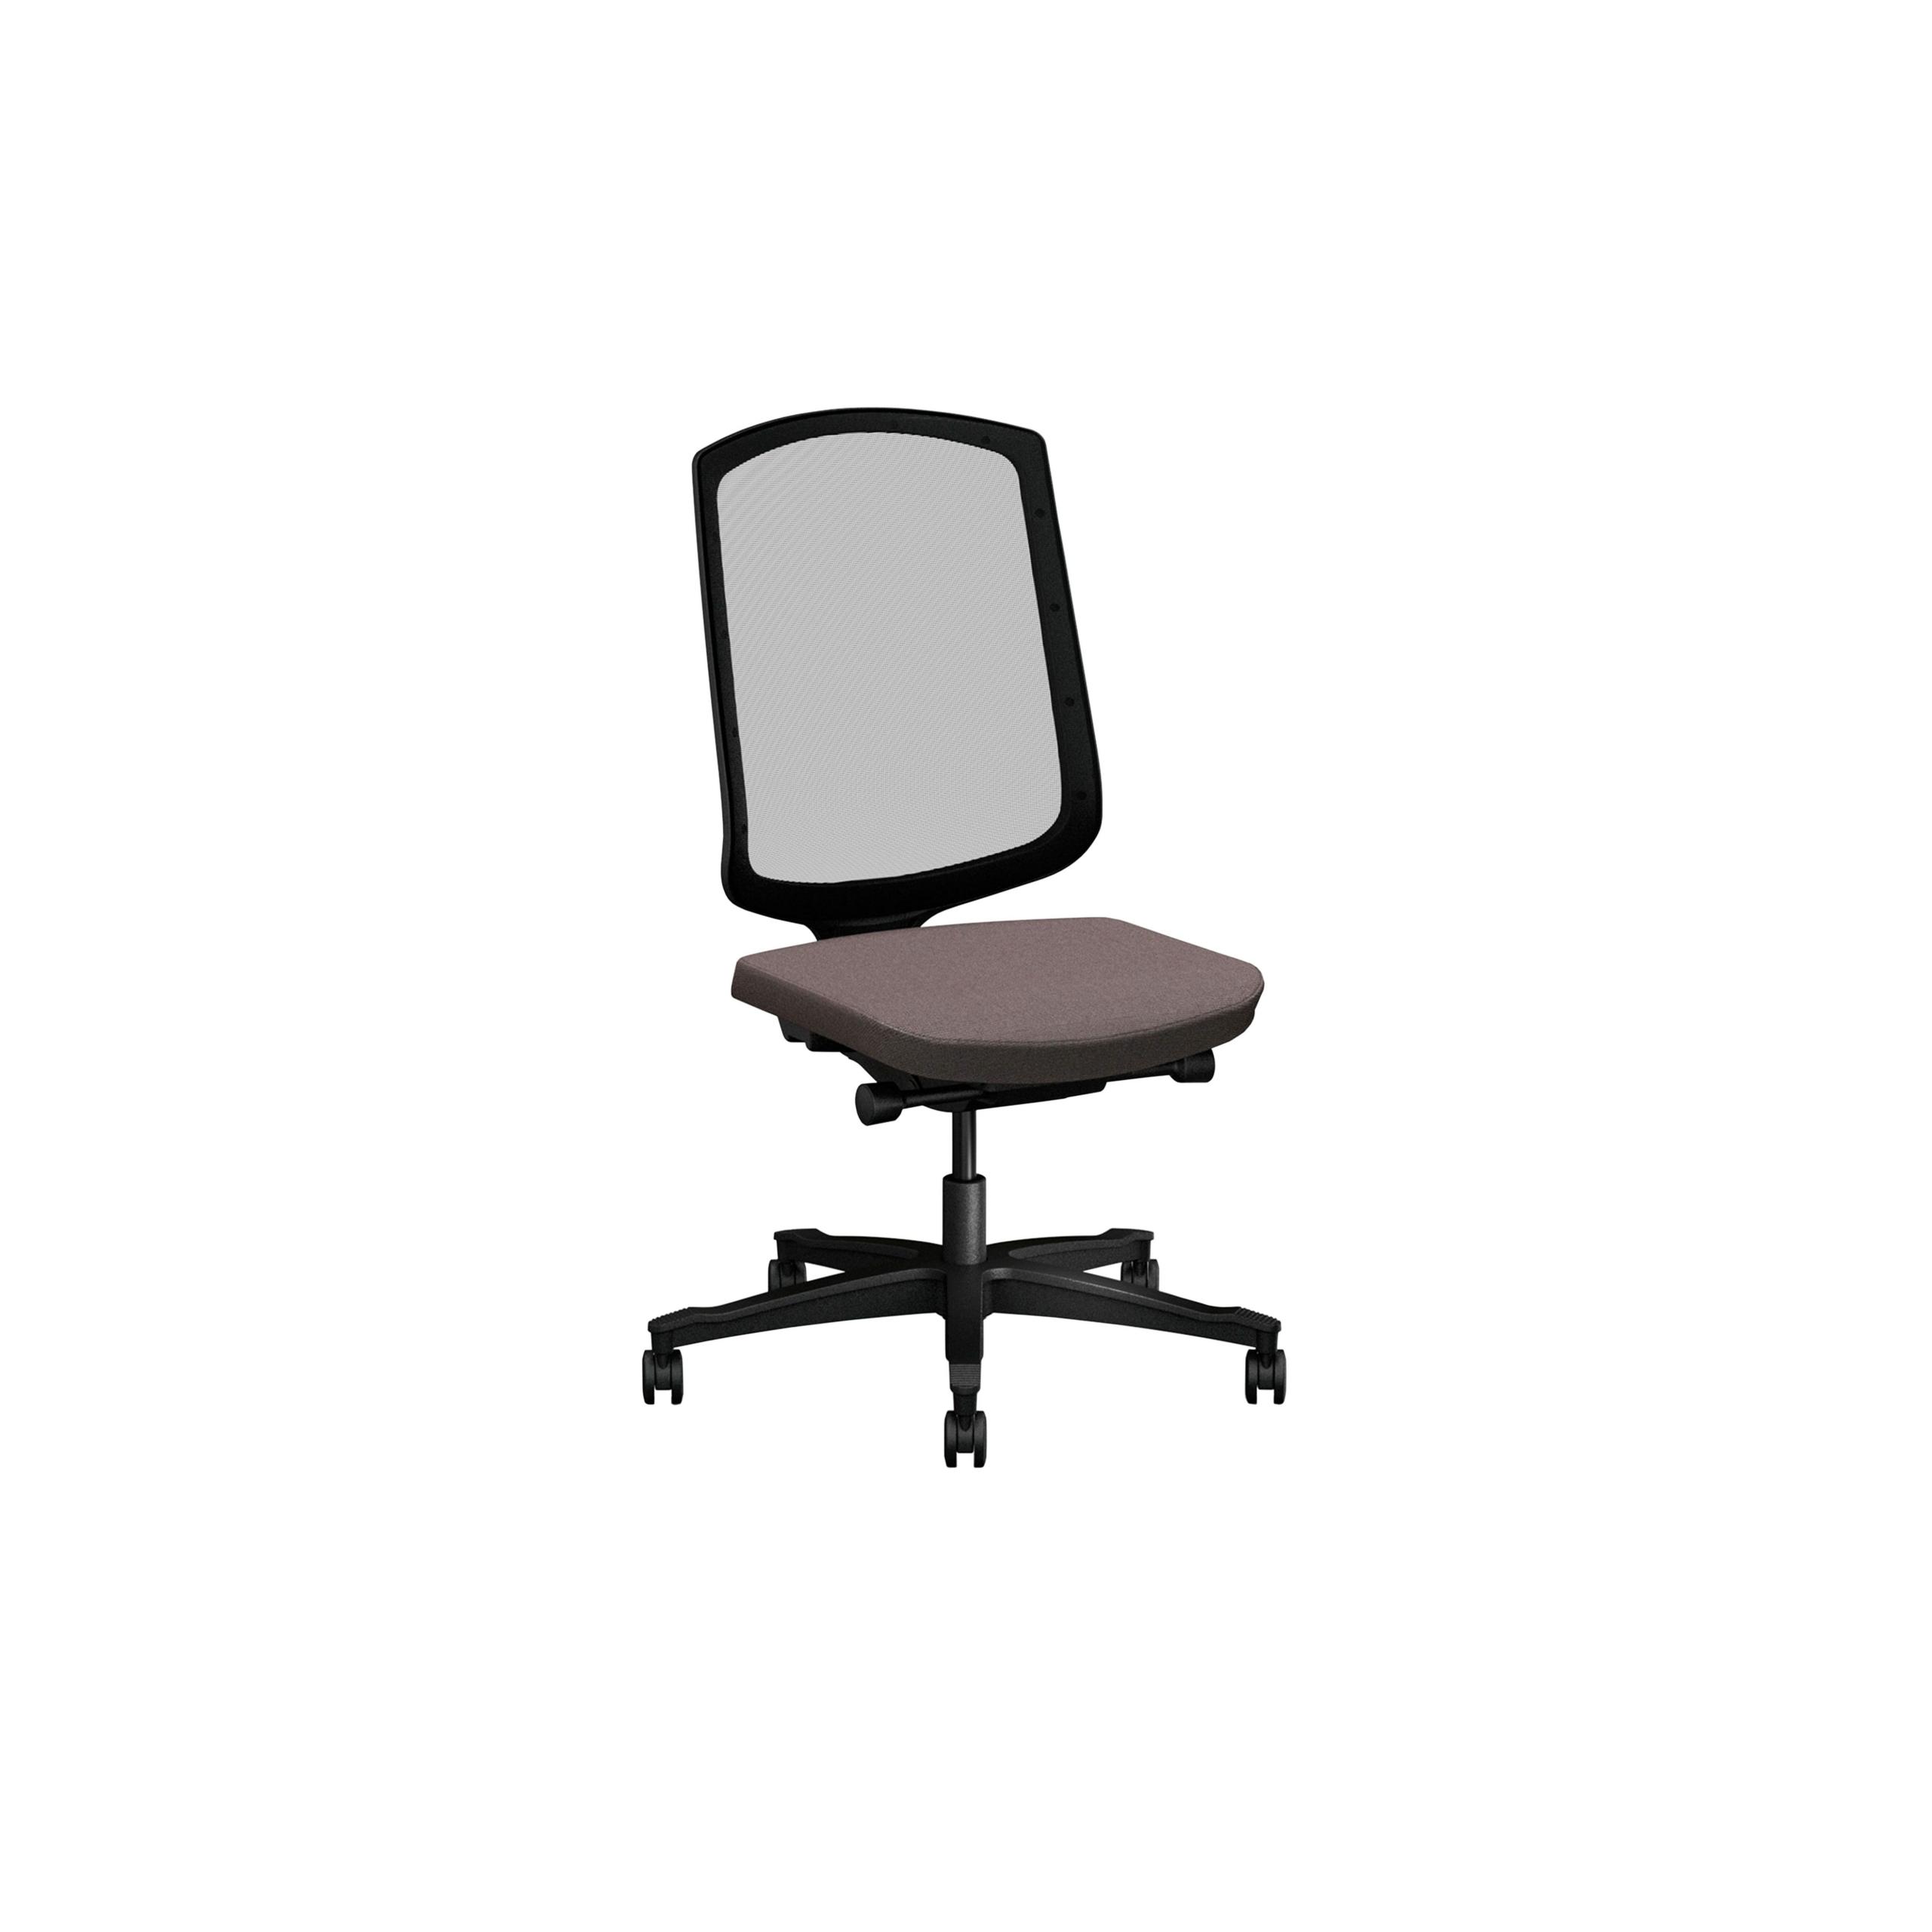 One Kontorsstol med meshrygg produktbild 2